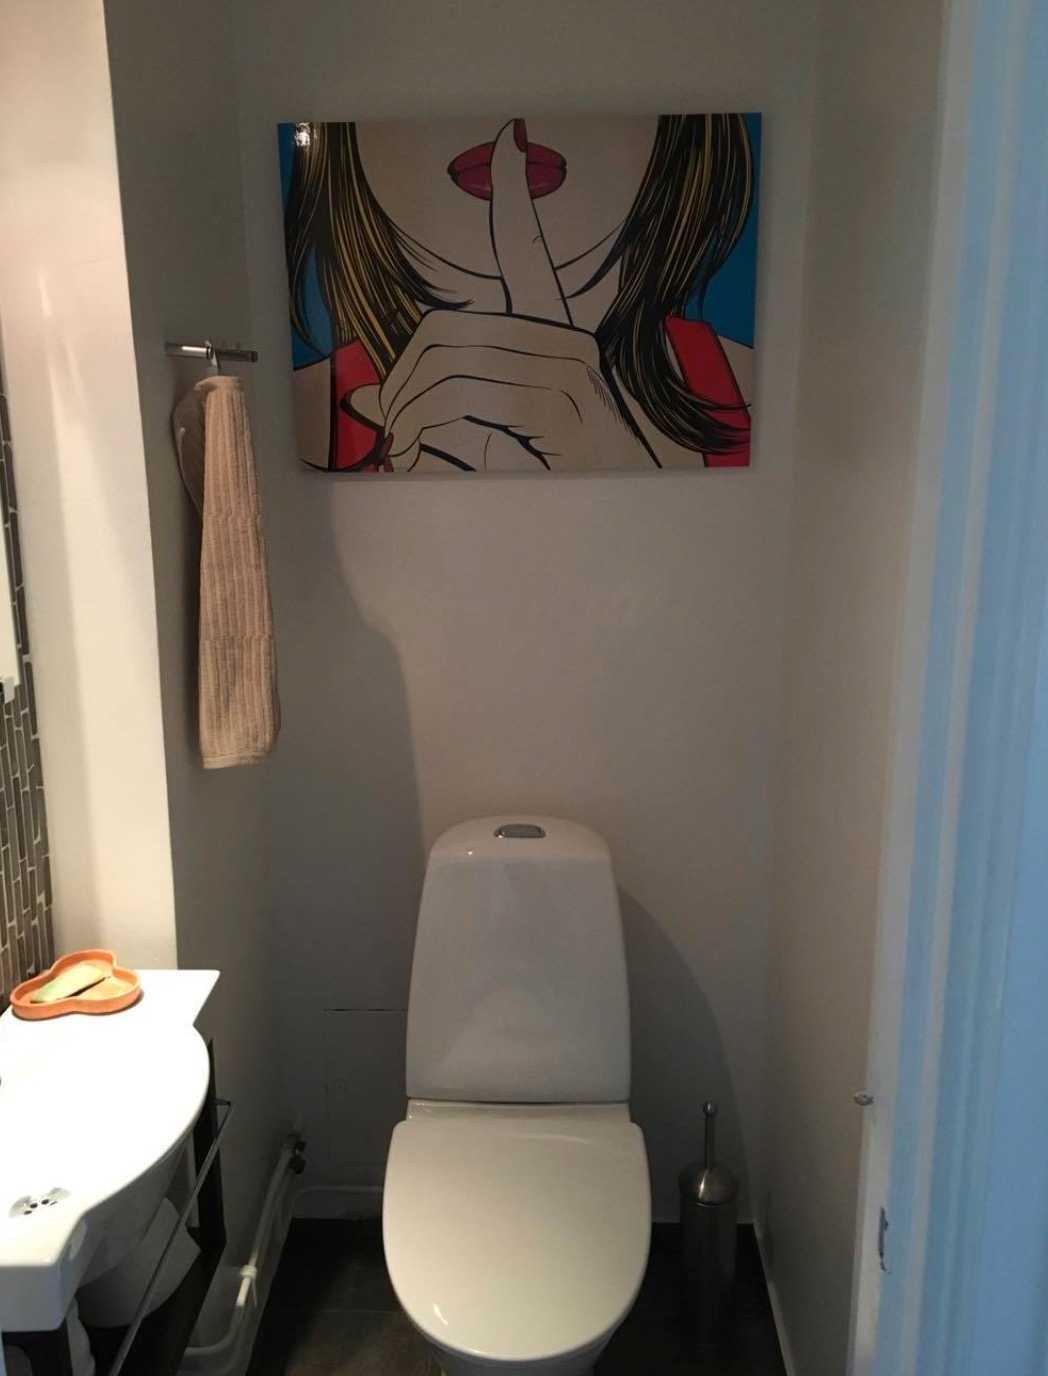 Maria erbjuder sin toalett till främlingar i nöd.